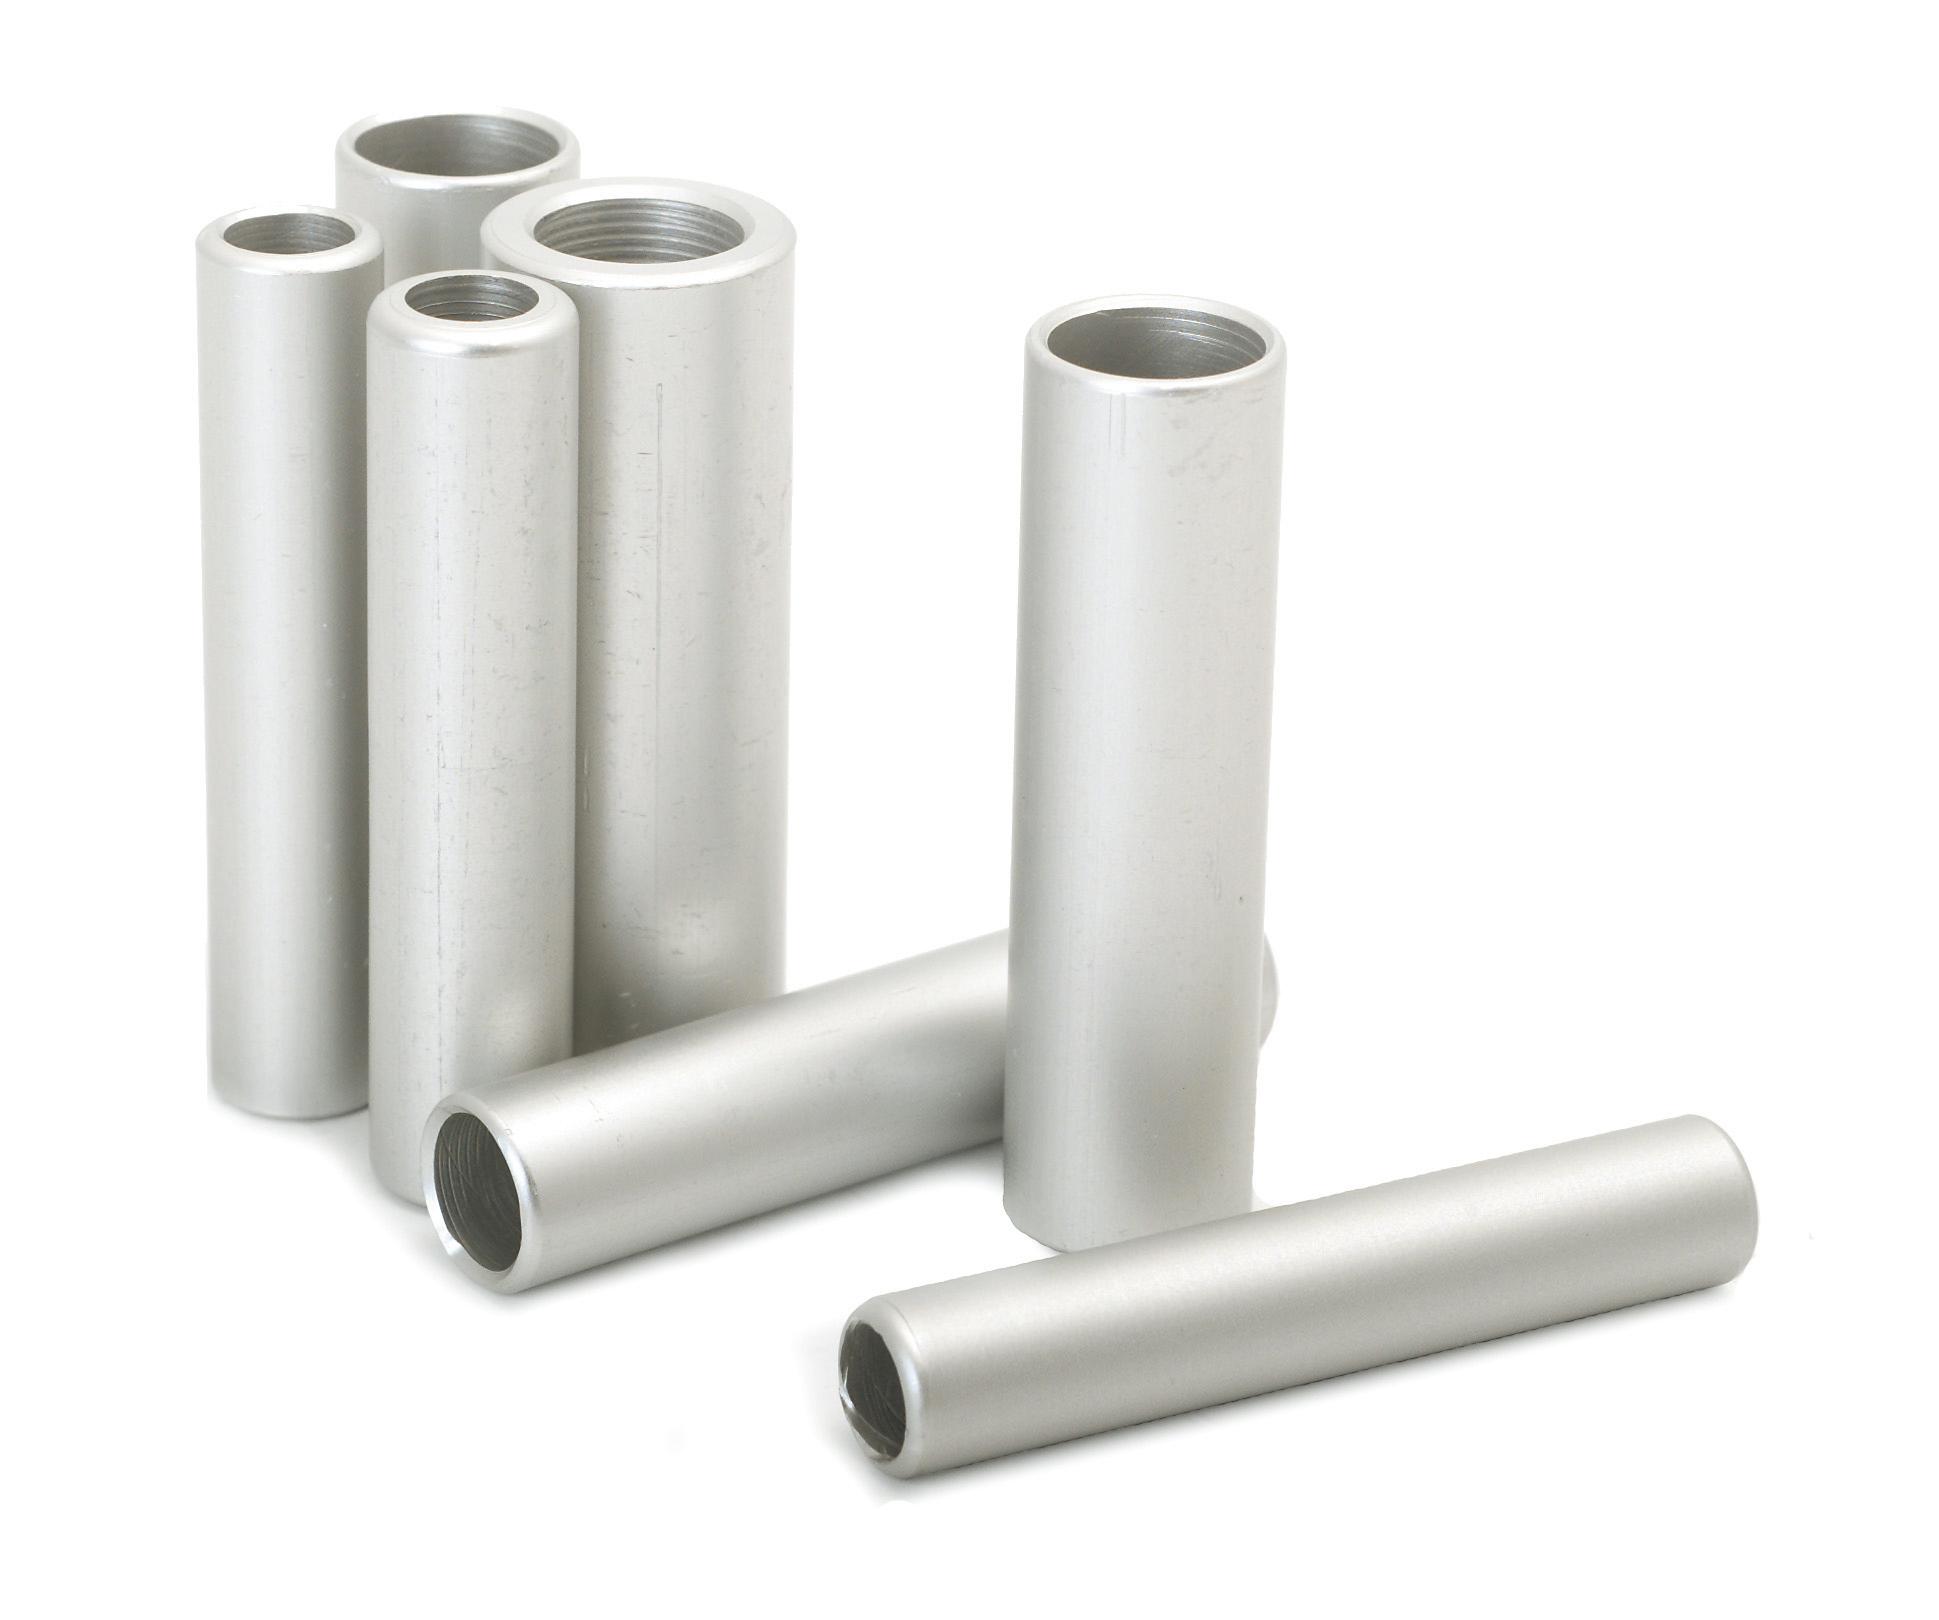 Aluminium Batten Connectors - Rutgerson Marin